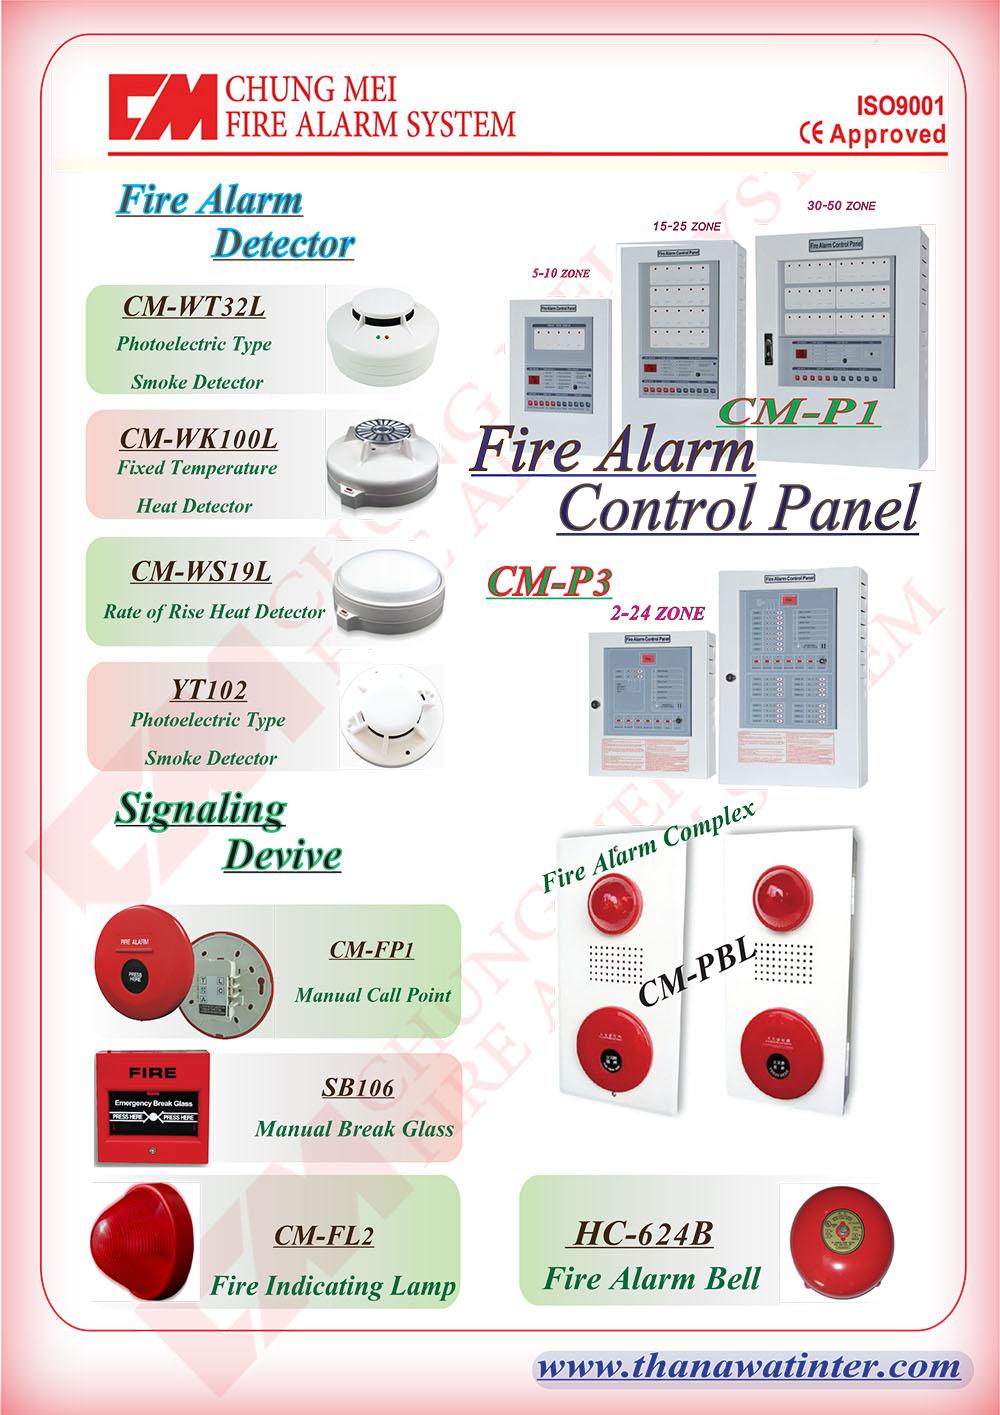 แผงควบคุมสัญญาณเตือนไฟไหม้ รุ่น CM-P1